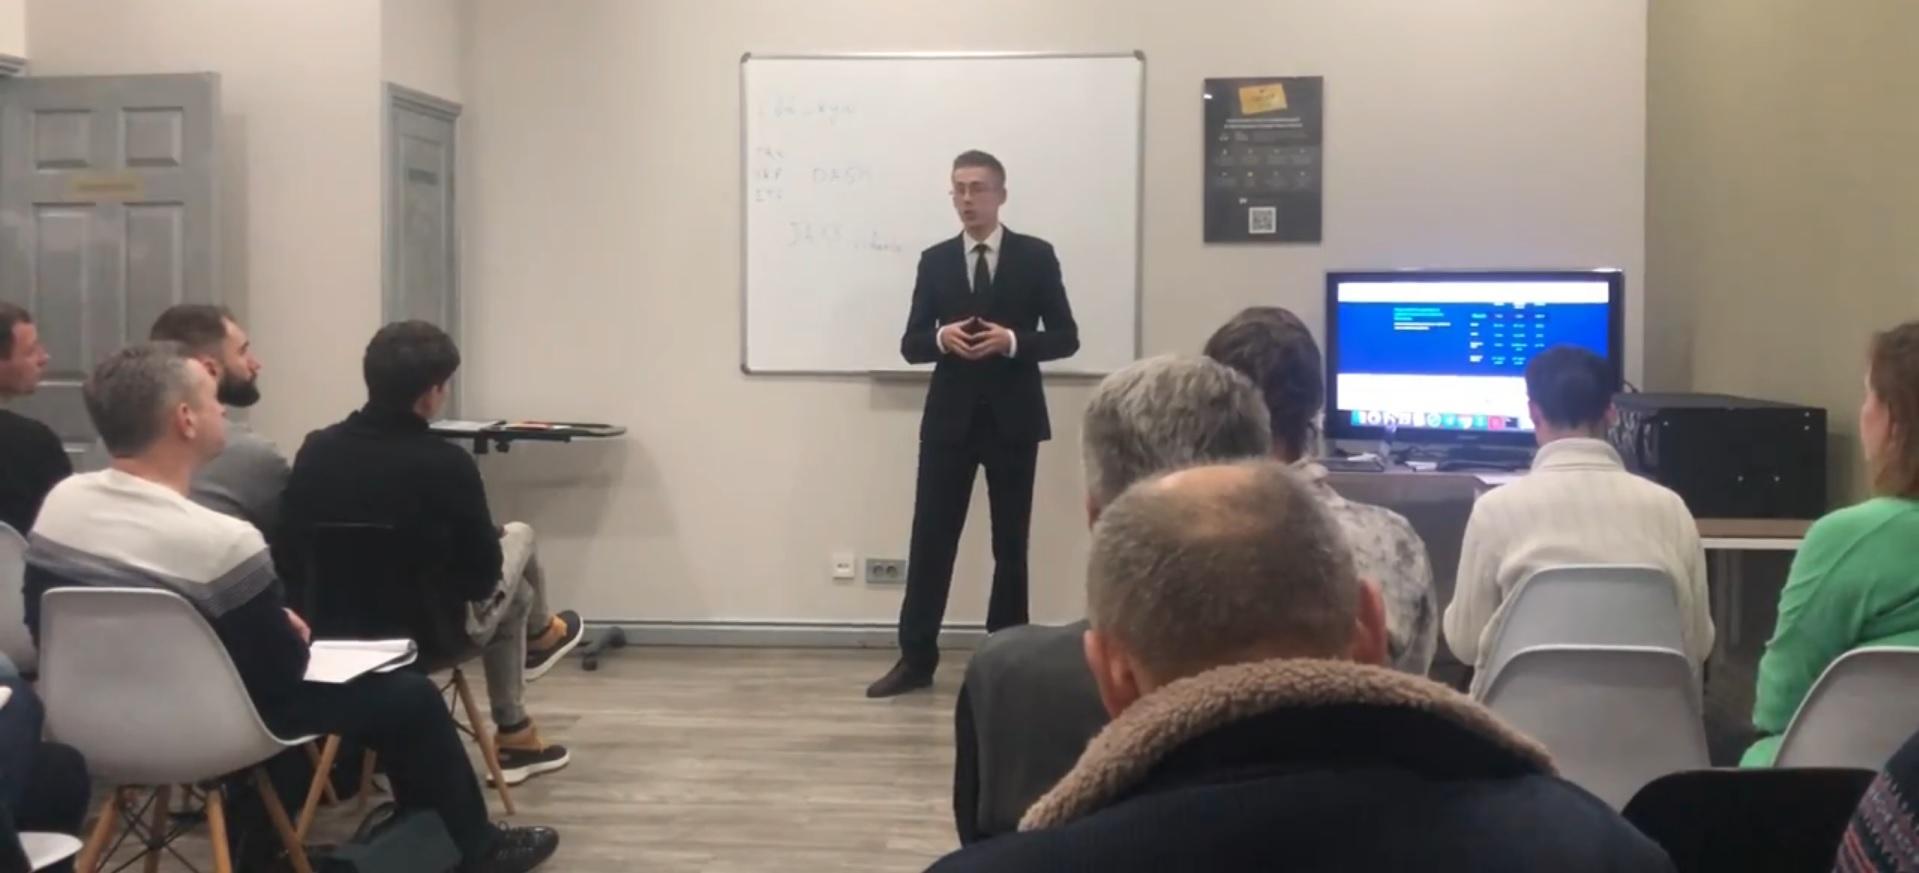 О перспективах криптовалют рассказали на семинаре в Киевском офисе ЦБТ - 2 фото